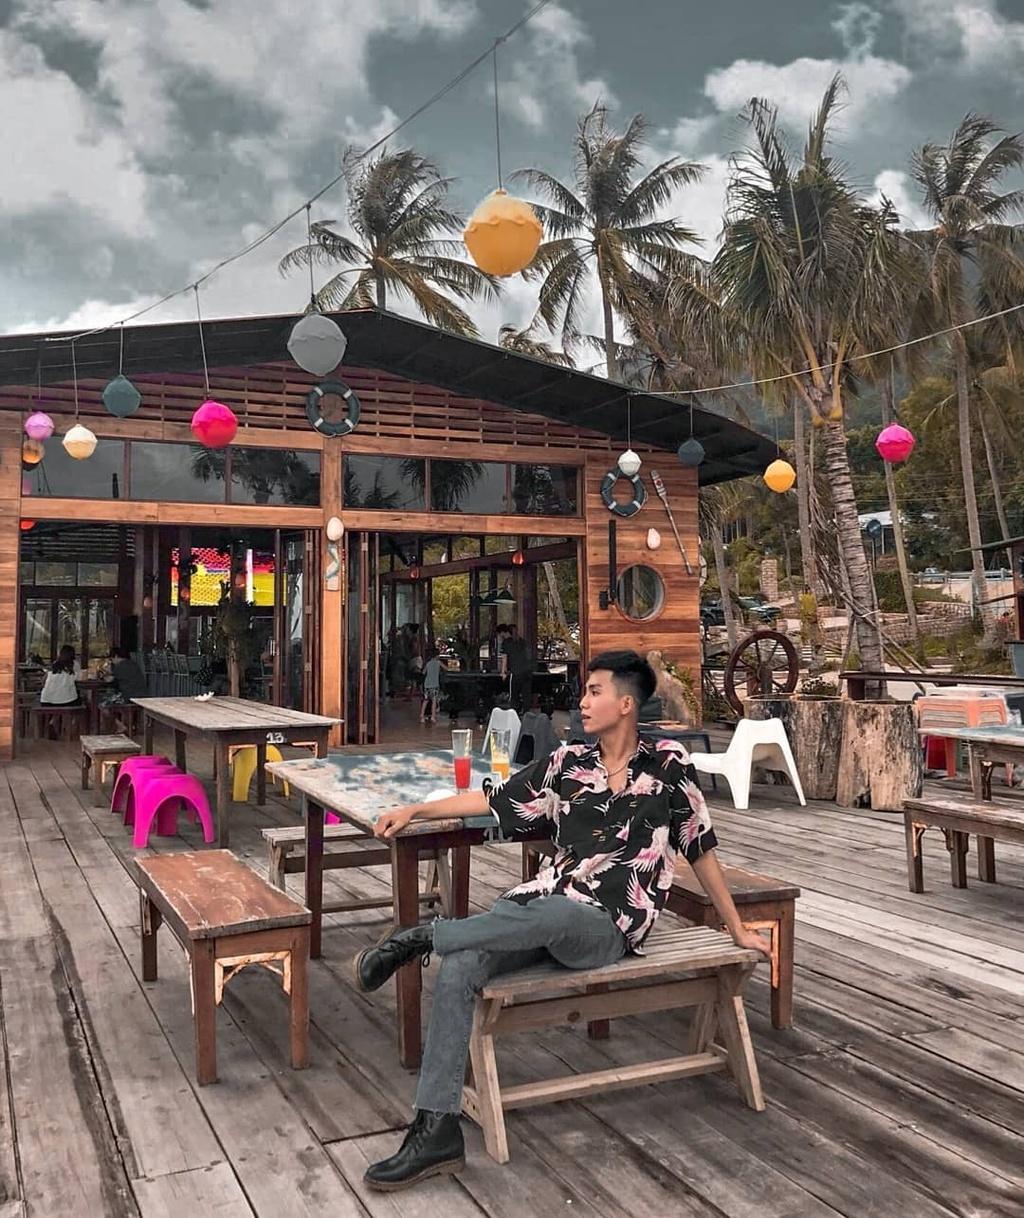 Chill het nac tai 4 diem ca phe view bien tuyet dep o Phu Quoc hinh anh 12  - dathie98_ - Chill hết nấc tại 4 điểm cà phê view biển tuyệt đẹp ở Phú Quốc